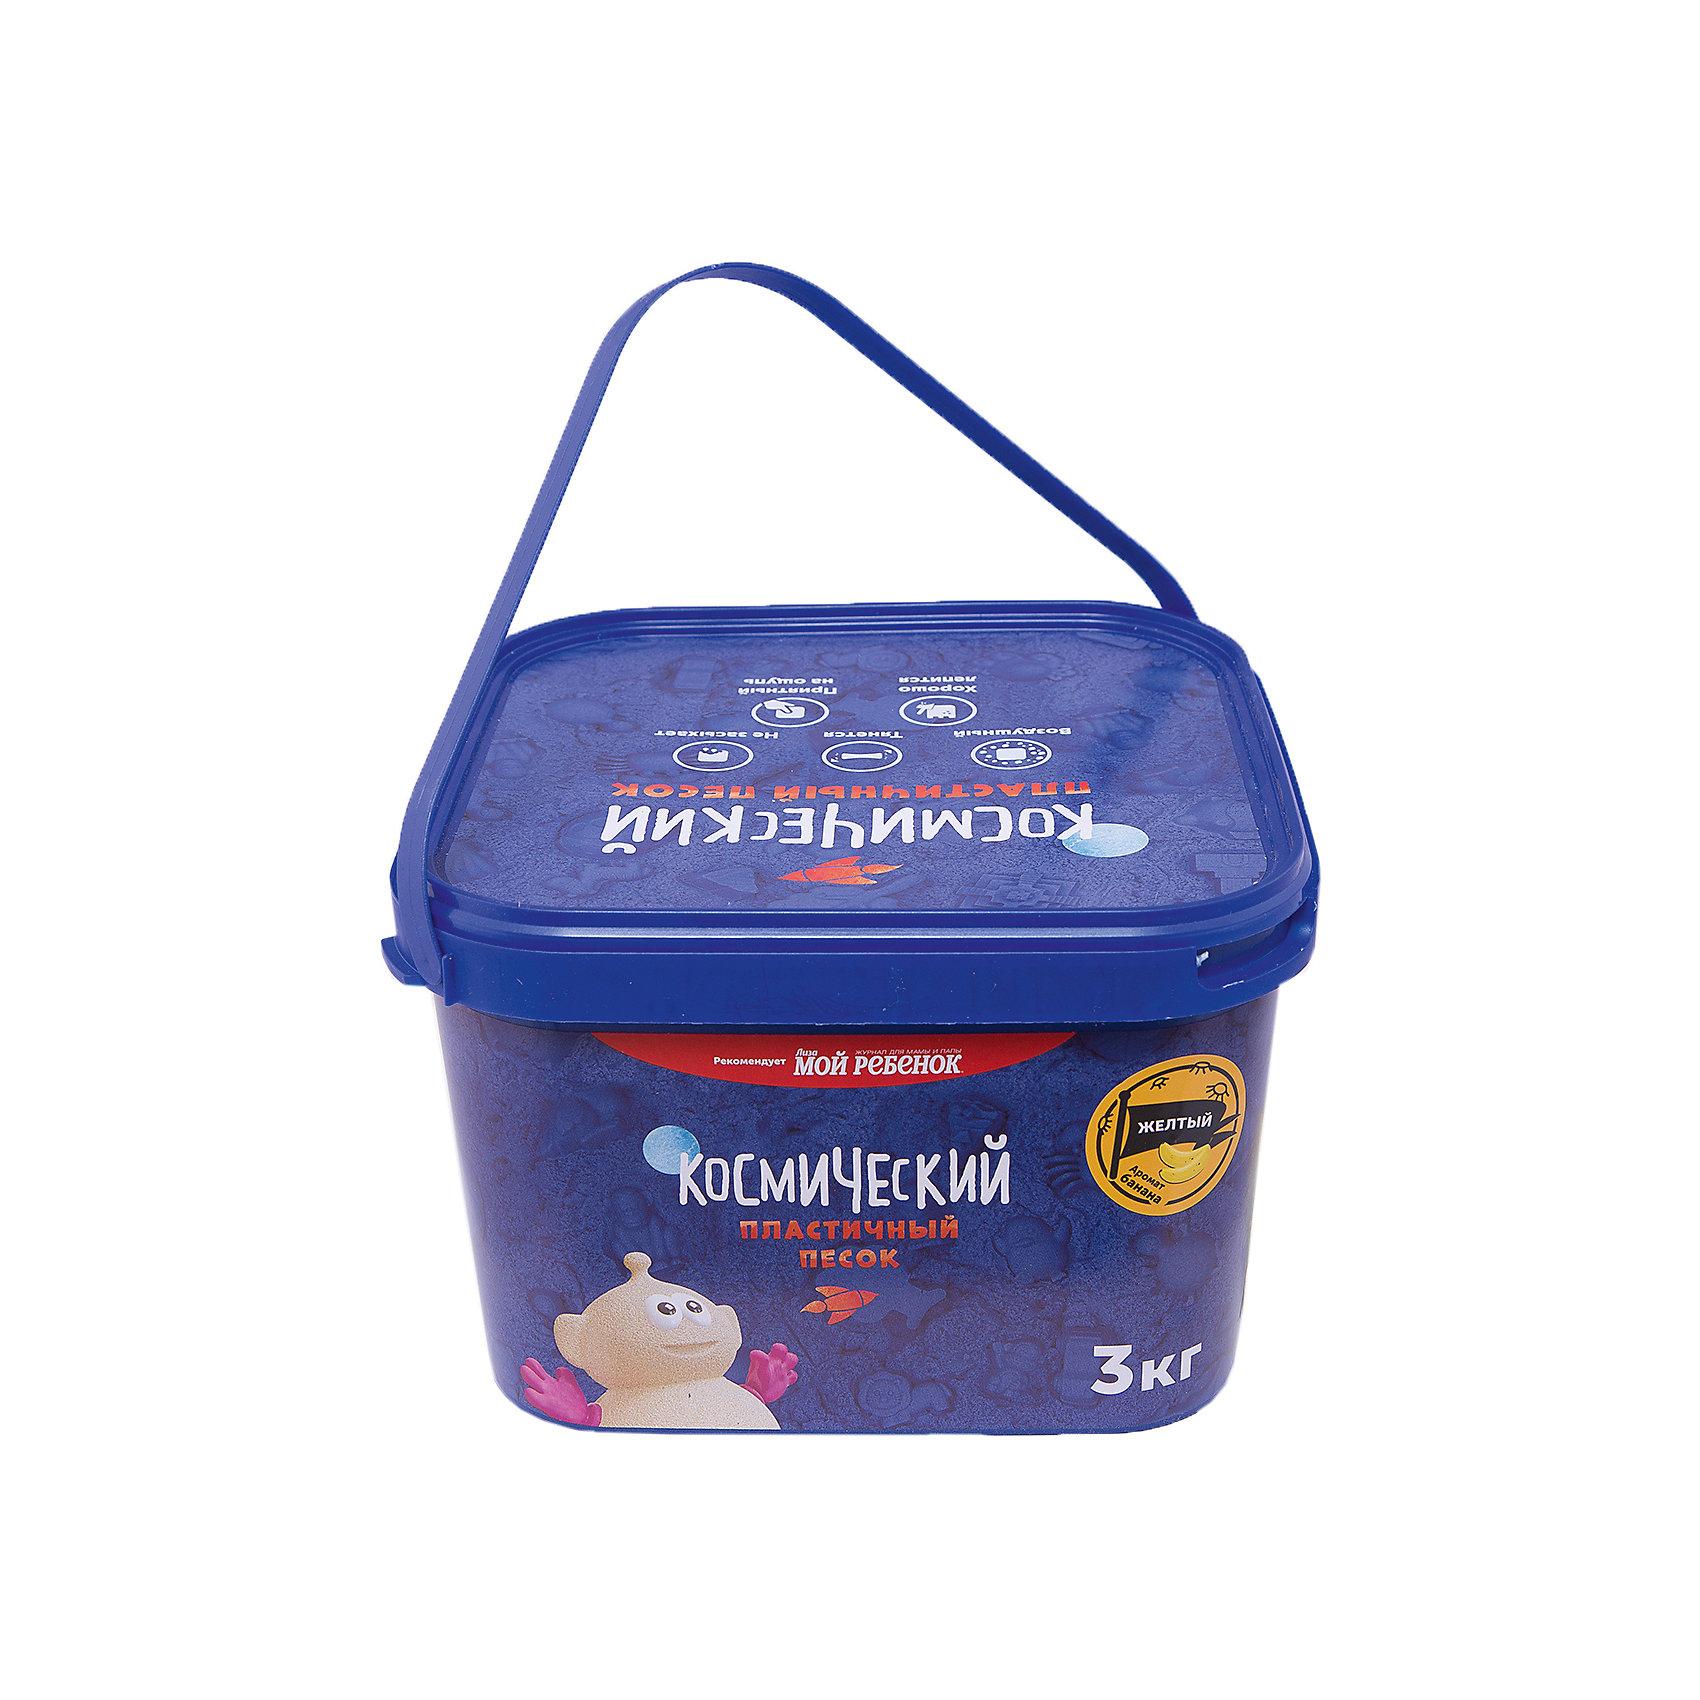 Космический песок, Желтый, С ароматом банана, 3 кгКинетический песок<br>Характеристики товара:<br><br>• цвет: желтый<br>• размер упаковки: 19 x 19 x 13 см<br>• вес: 3200 г<br>• комплектация: 3 кг кинетического песка<br>• песок с запахом банана<br>• подходит для игр дома<br>• возраст: от двух лет<br>• упаковка: банка<br>• страна бренда: РФ<br>• страна изготовитель: РФ<br><br>Этот кинетический песок станет отличным подарком ребенку - ведь с помощью него можно создавать фигуры легко и весело! В этой банке находится целых три килограмма песка. Он легко принимает нужную форму и так же легко распадается на песчинки. Играть можно бесконечно! Песок легко собирается, не красится и оставляет пятен на одежде.<br>Детям очень нравится что-то делать своими руками. Кроме того, творчество помогает детям развивать важные навыки и способности, оно активизирует мышление, формирует усидчивость, творческие способности, мелкую моторику и воображение. Изделие производится из качественных и проверенных материалов, которые безопасны для детей.<br><br>Кинетический песок Желтый, С ароматом банана, 3 кг от бренда Космический песок можно купить в нашем интернет-магазине.<br><br>Ширина мм: 190<br>Глубина мм: 190<br>Высота мм: 130<br>Вес г: 3200<br>Возраст от месяцев: 36<br>Возраст до месяцев: 84<br>Пол: Унисекс<br>Возраст: Детский<br>SKU: 5168938